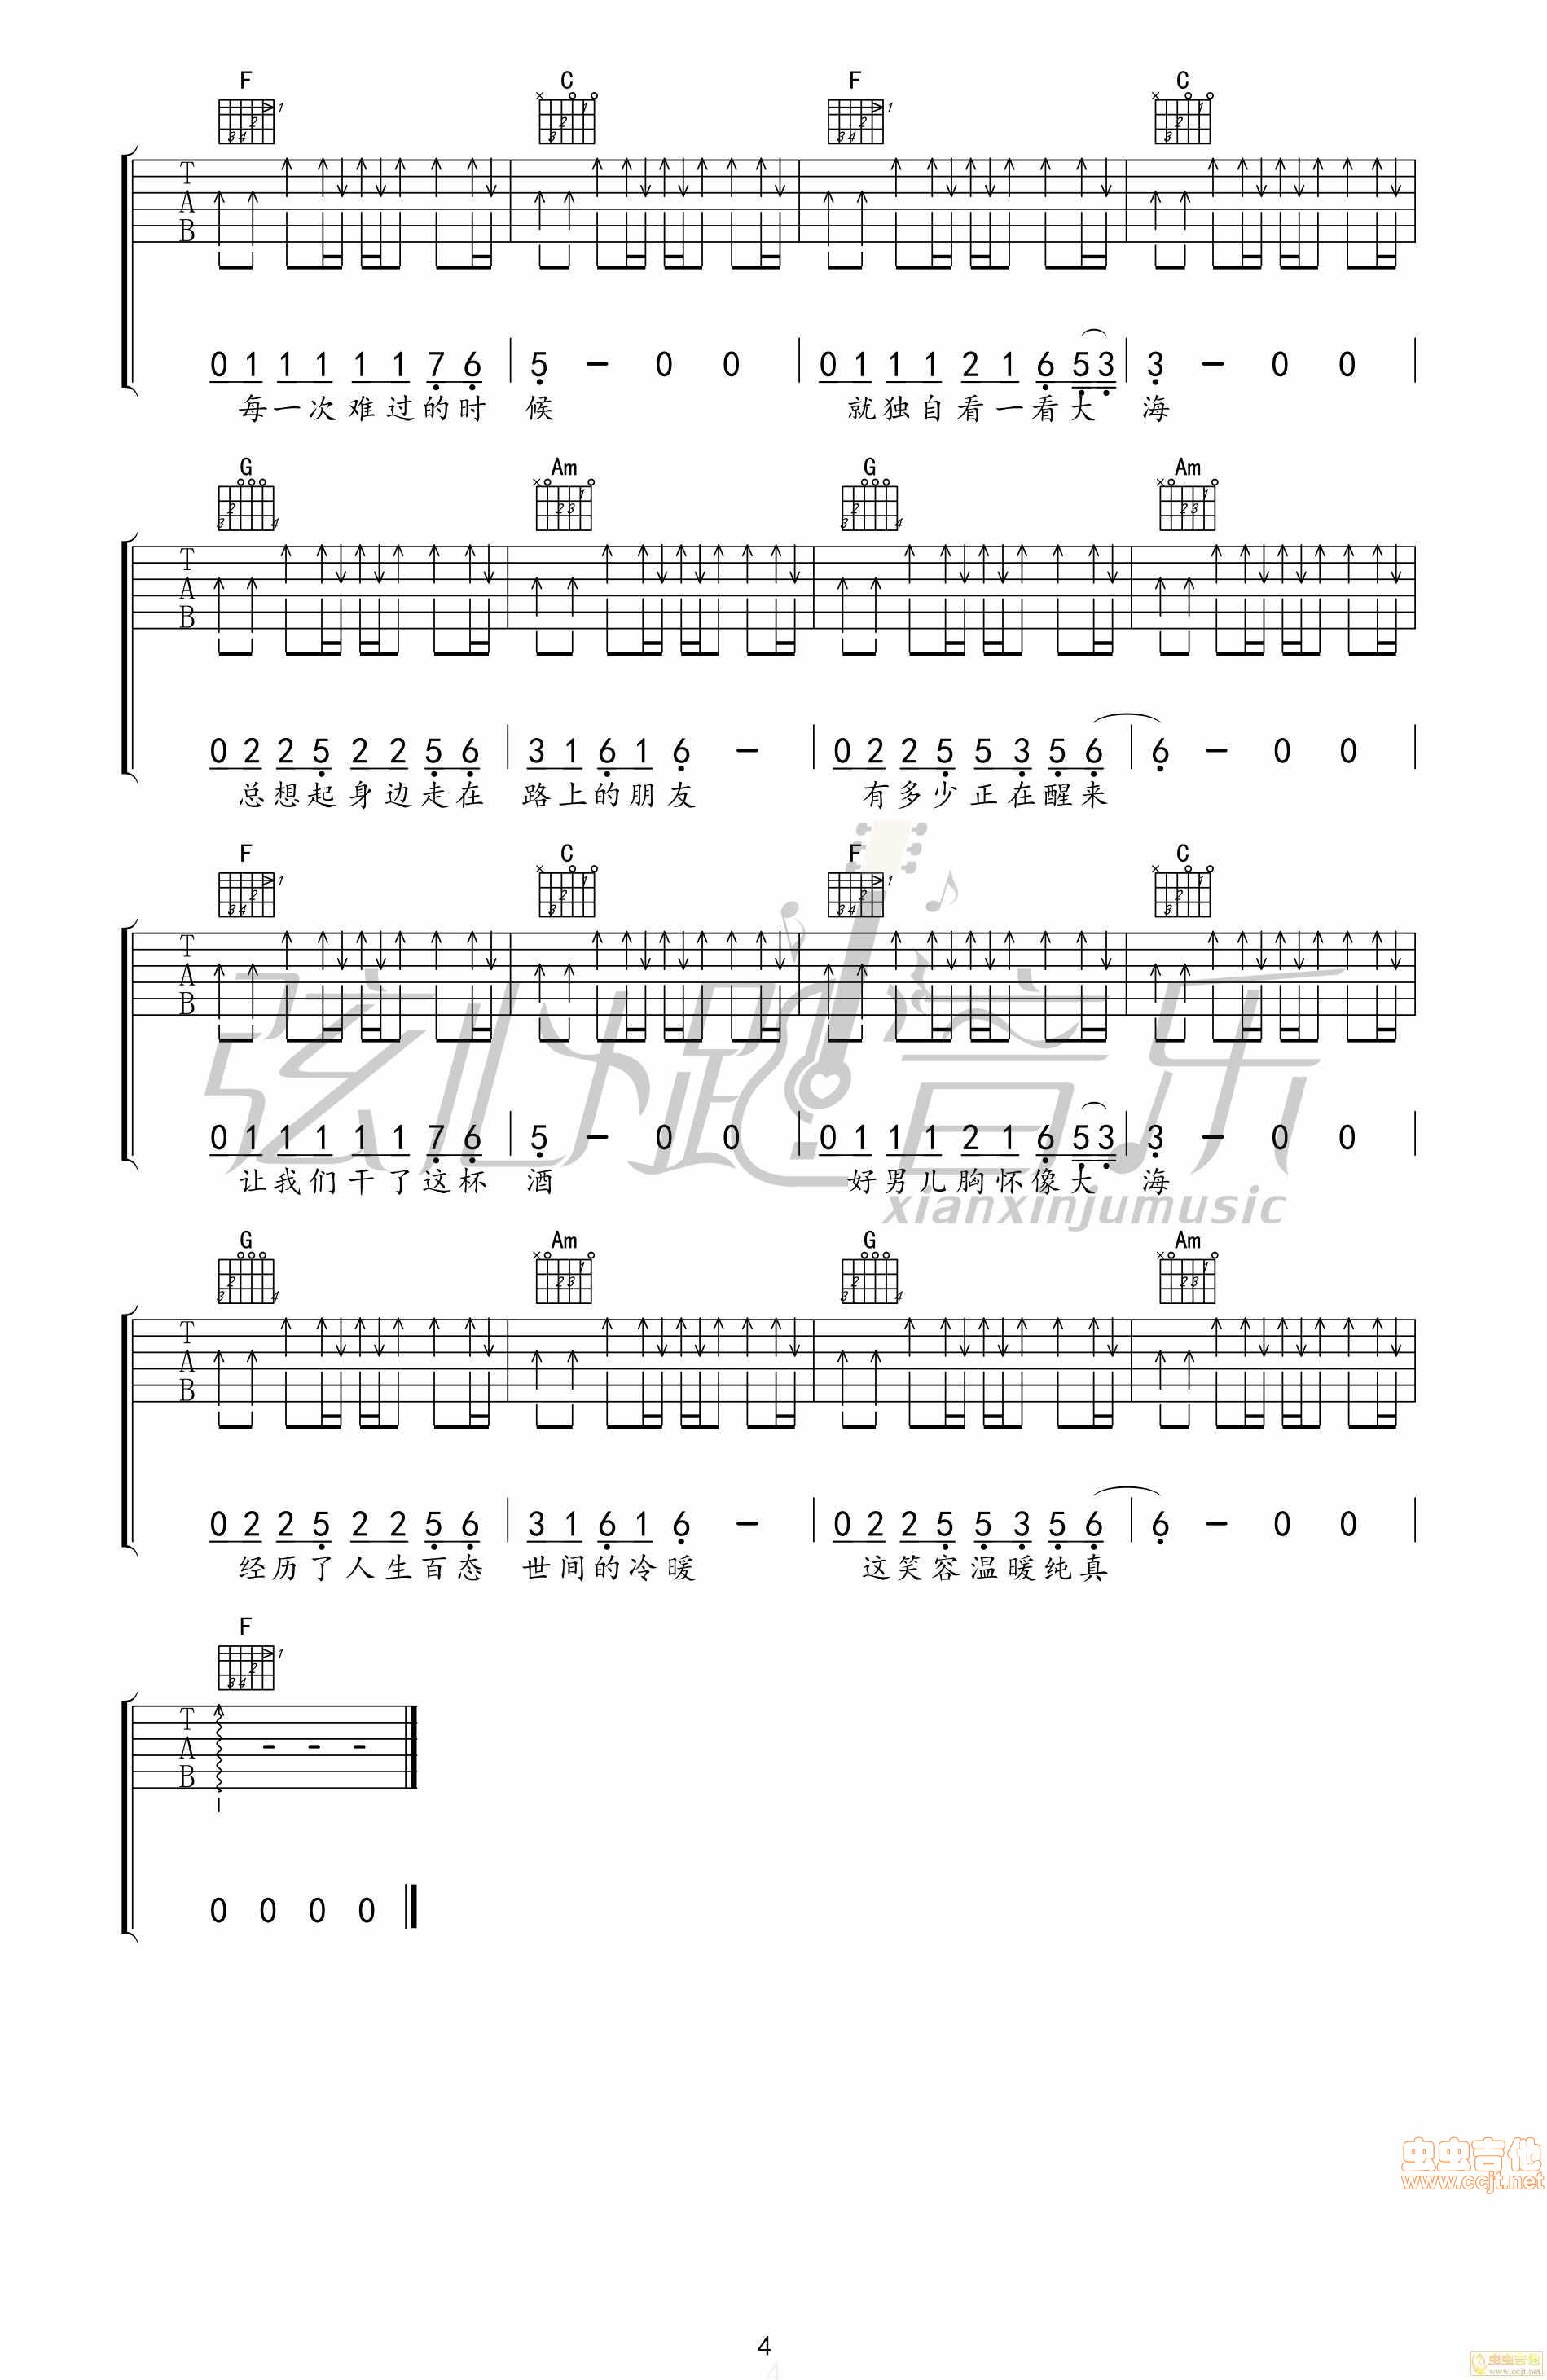 许巍《曾经的你》双 吉他版高清吉他谱 -弦心距音乐-谱